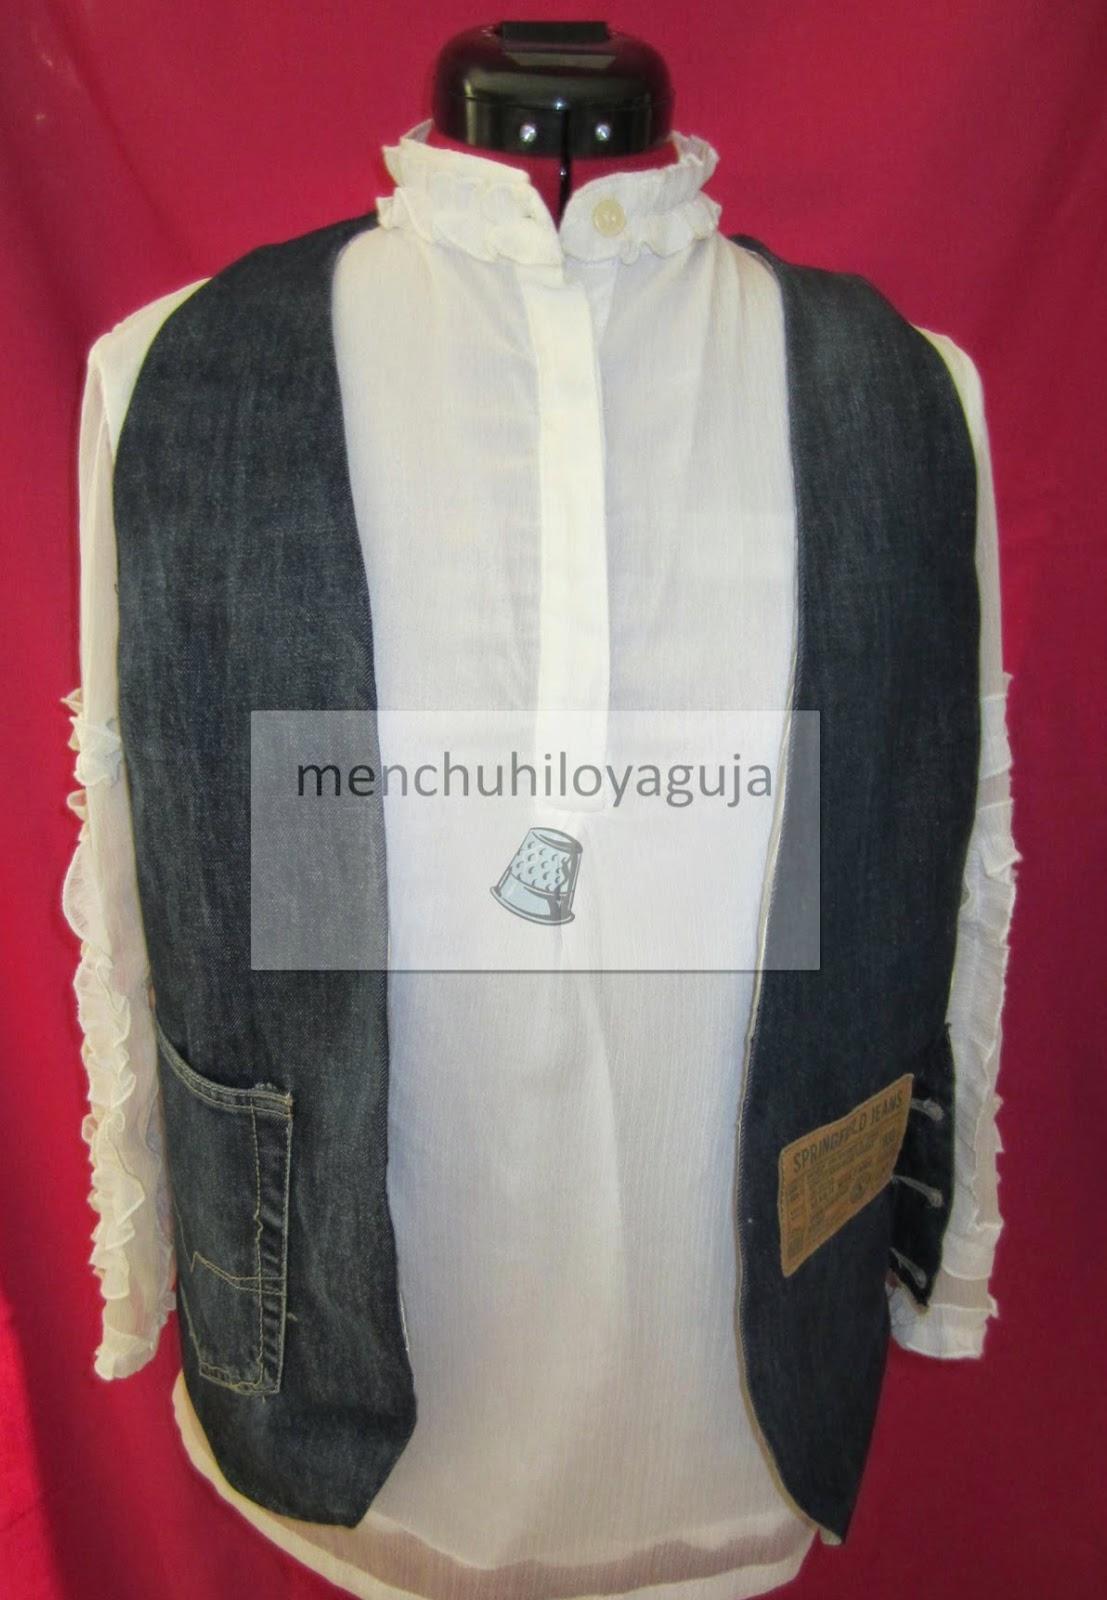 Las medidas del jeans son de cintura 80 cm. y de largo 8b0453d62226